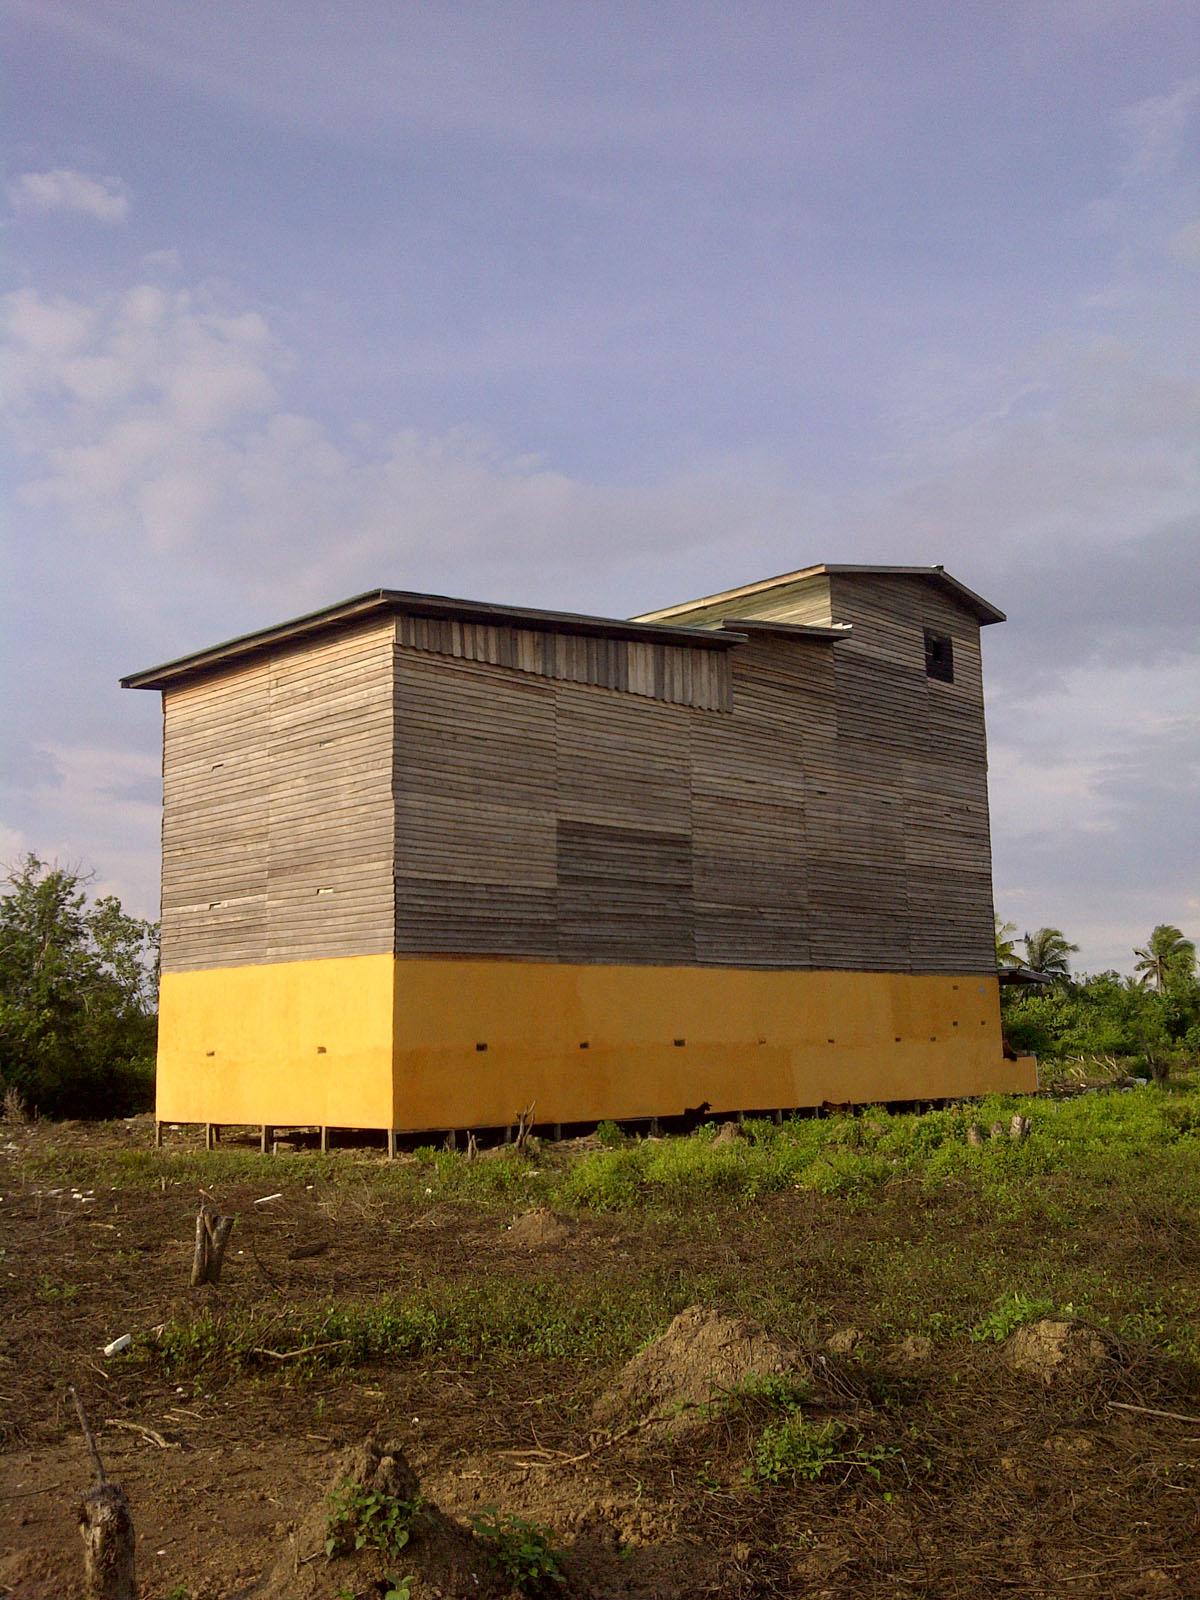 88 Foto Desain Atap Rumah Walet Terbaik